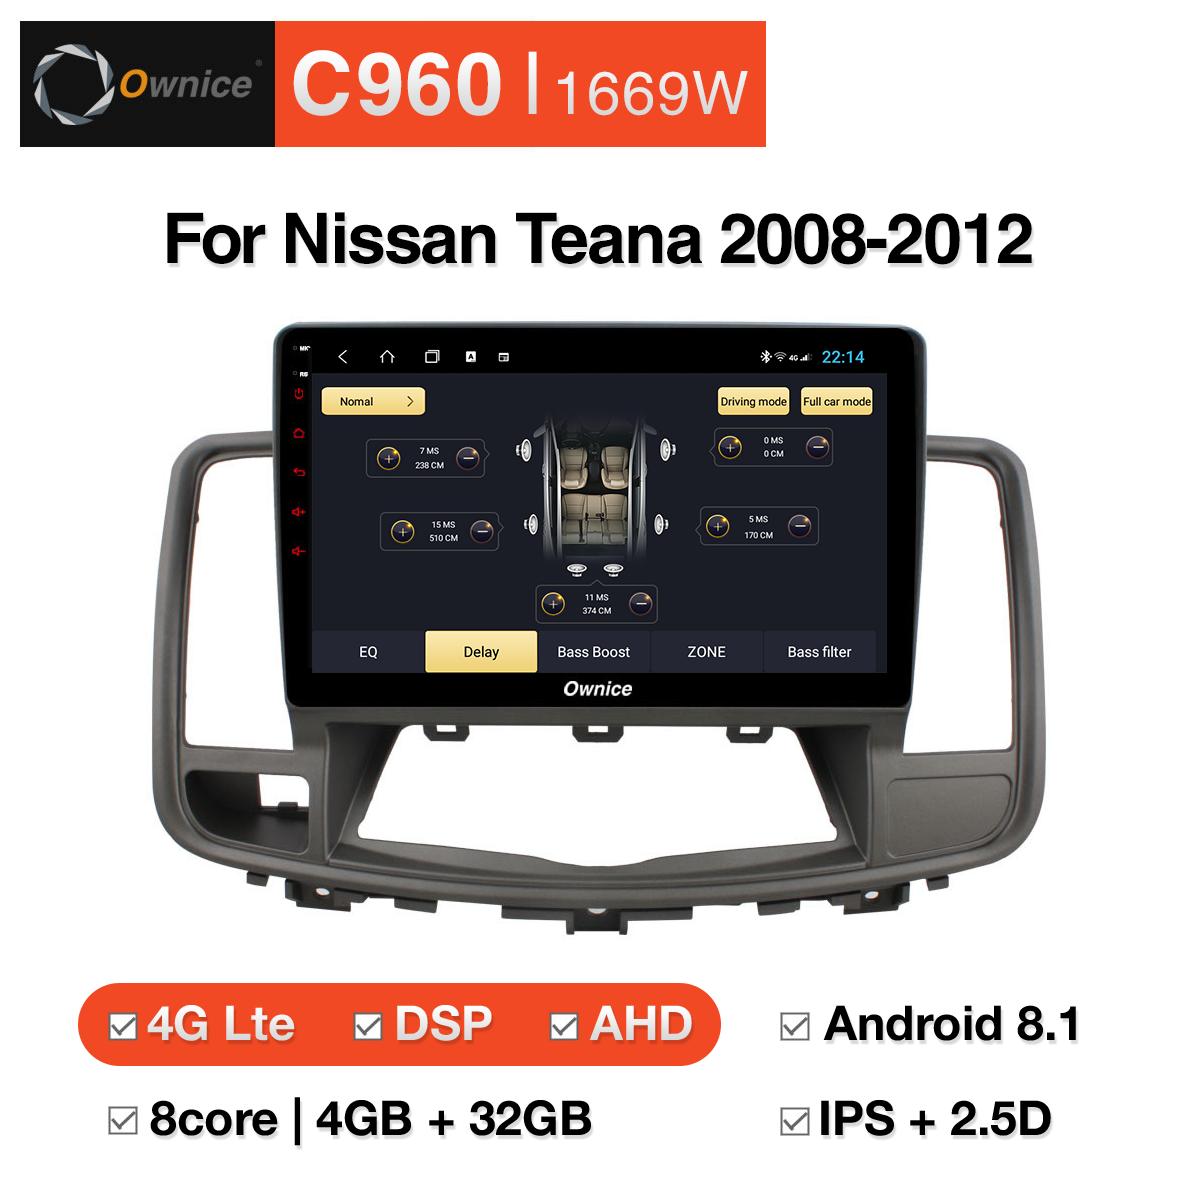 Đầu DVD android Ownice C960 cho xe ô tô Nissan Teana 2008-2012